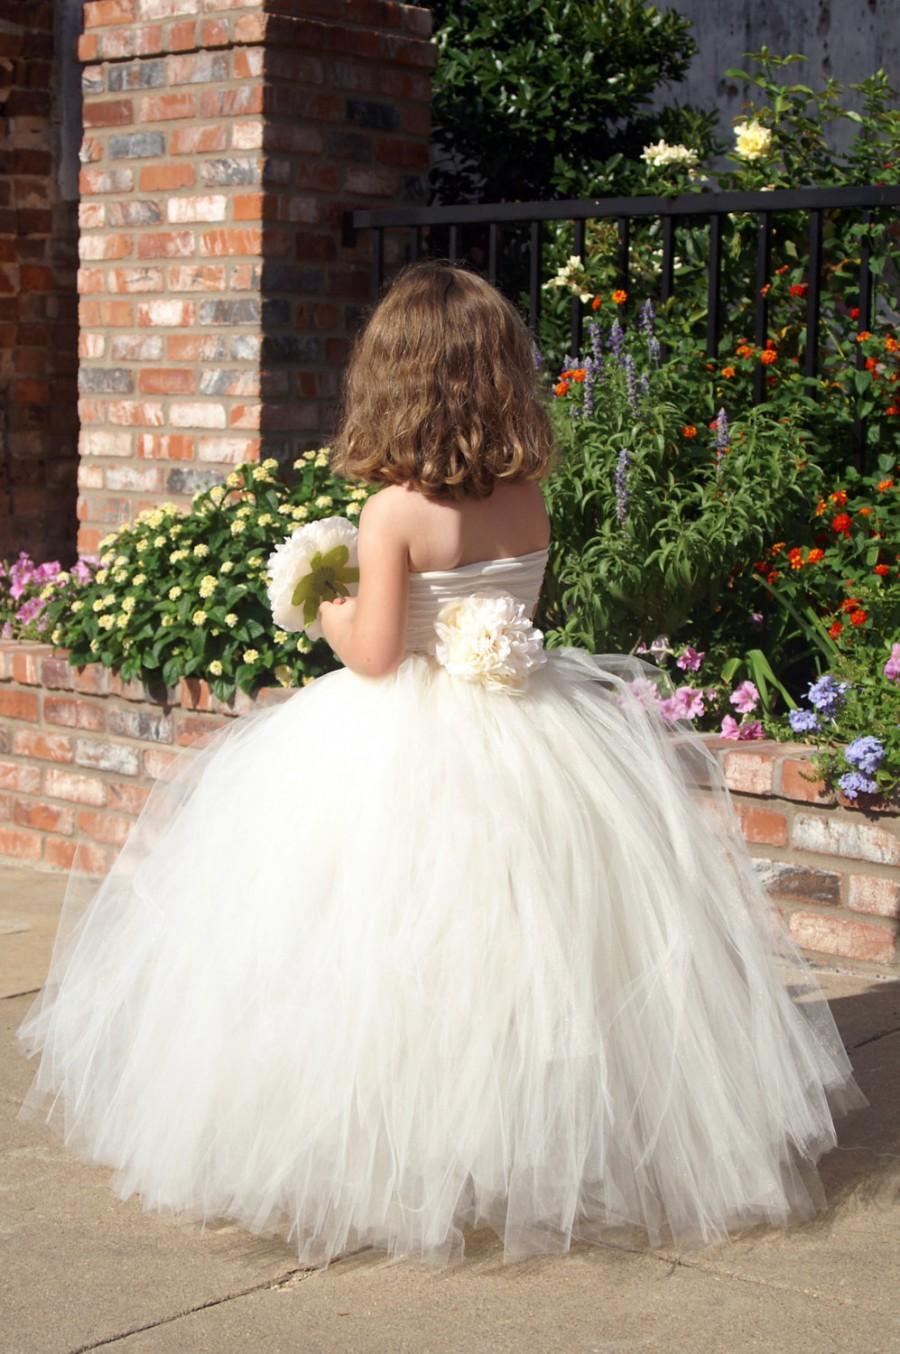 Tulle Flowergirl Skirt - Tutu Skirt For Your Flowergirl Or Fairytale ...